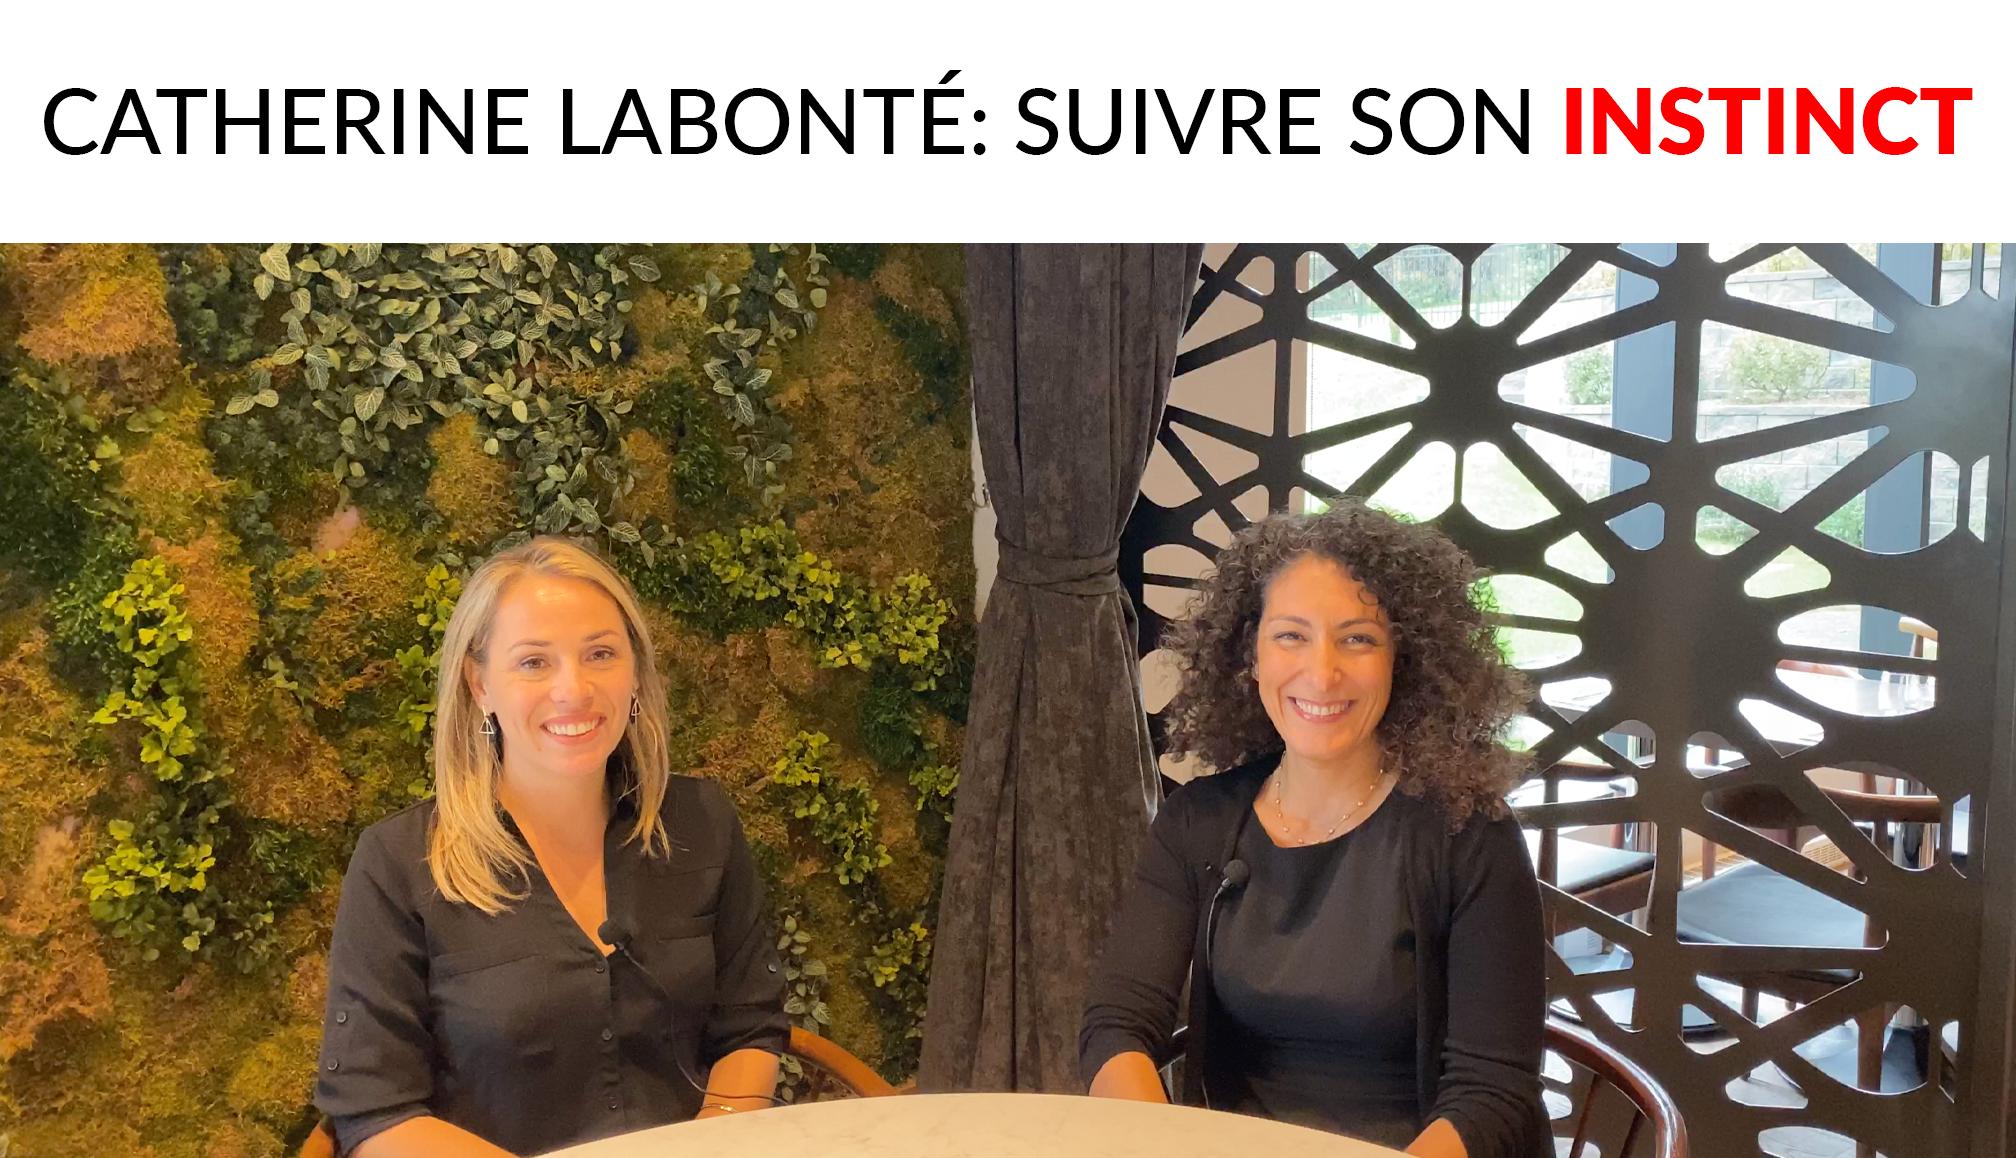 Catherine Labonté: Suivre son instinct